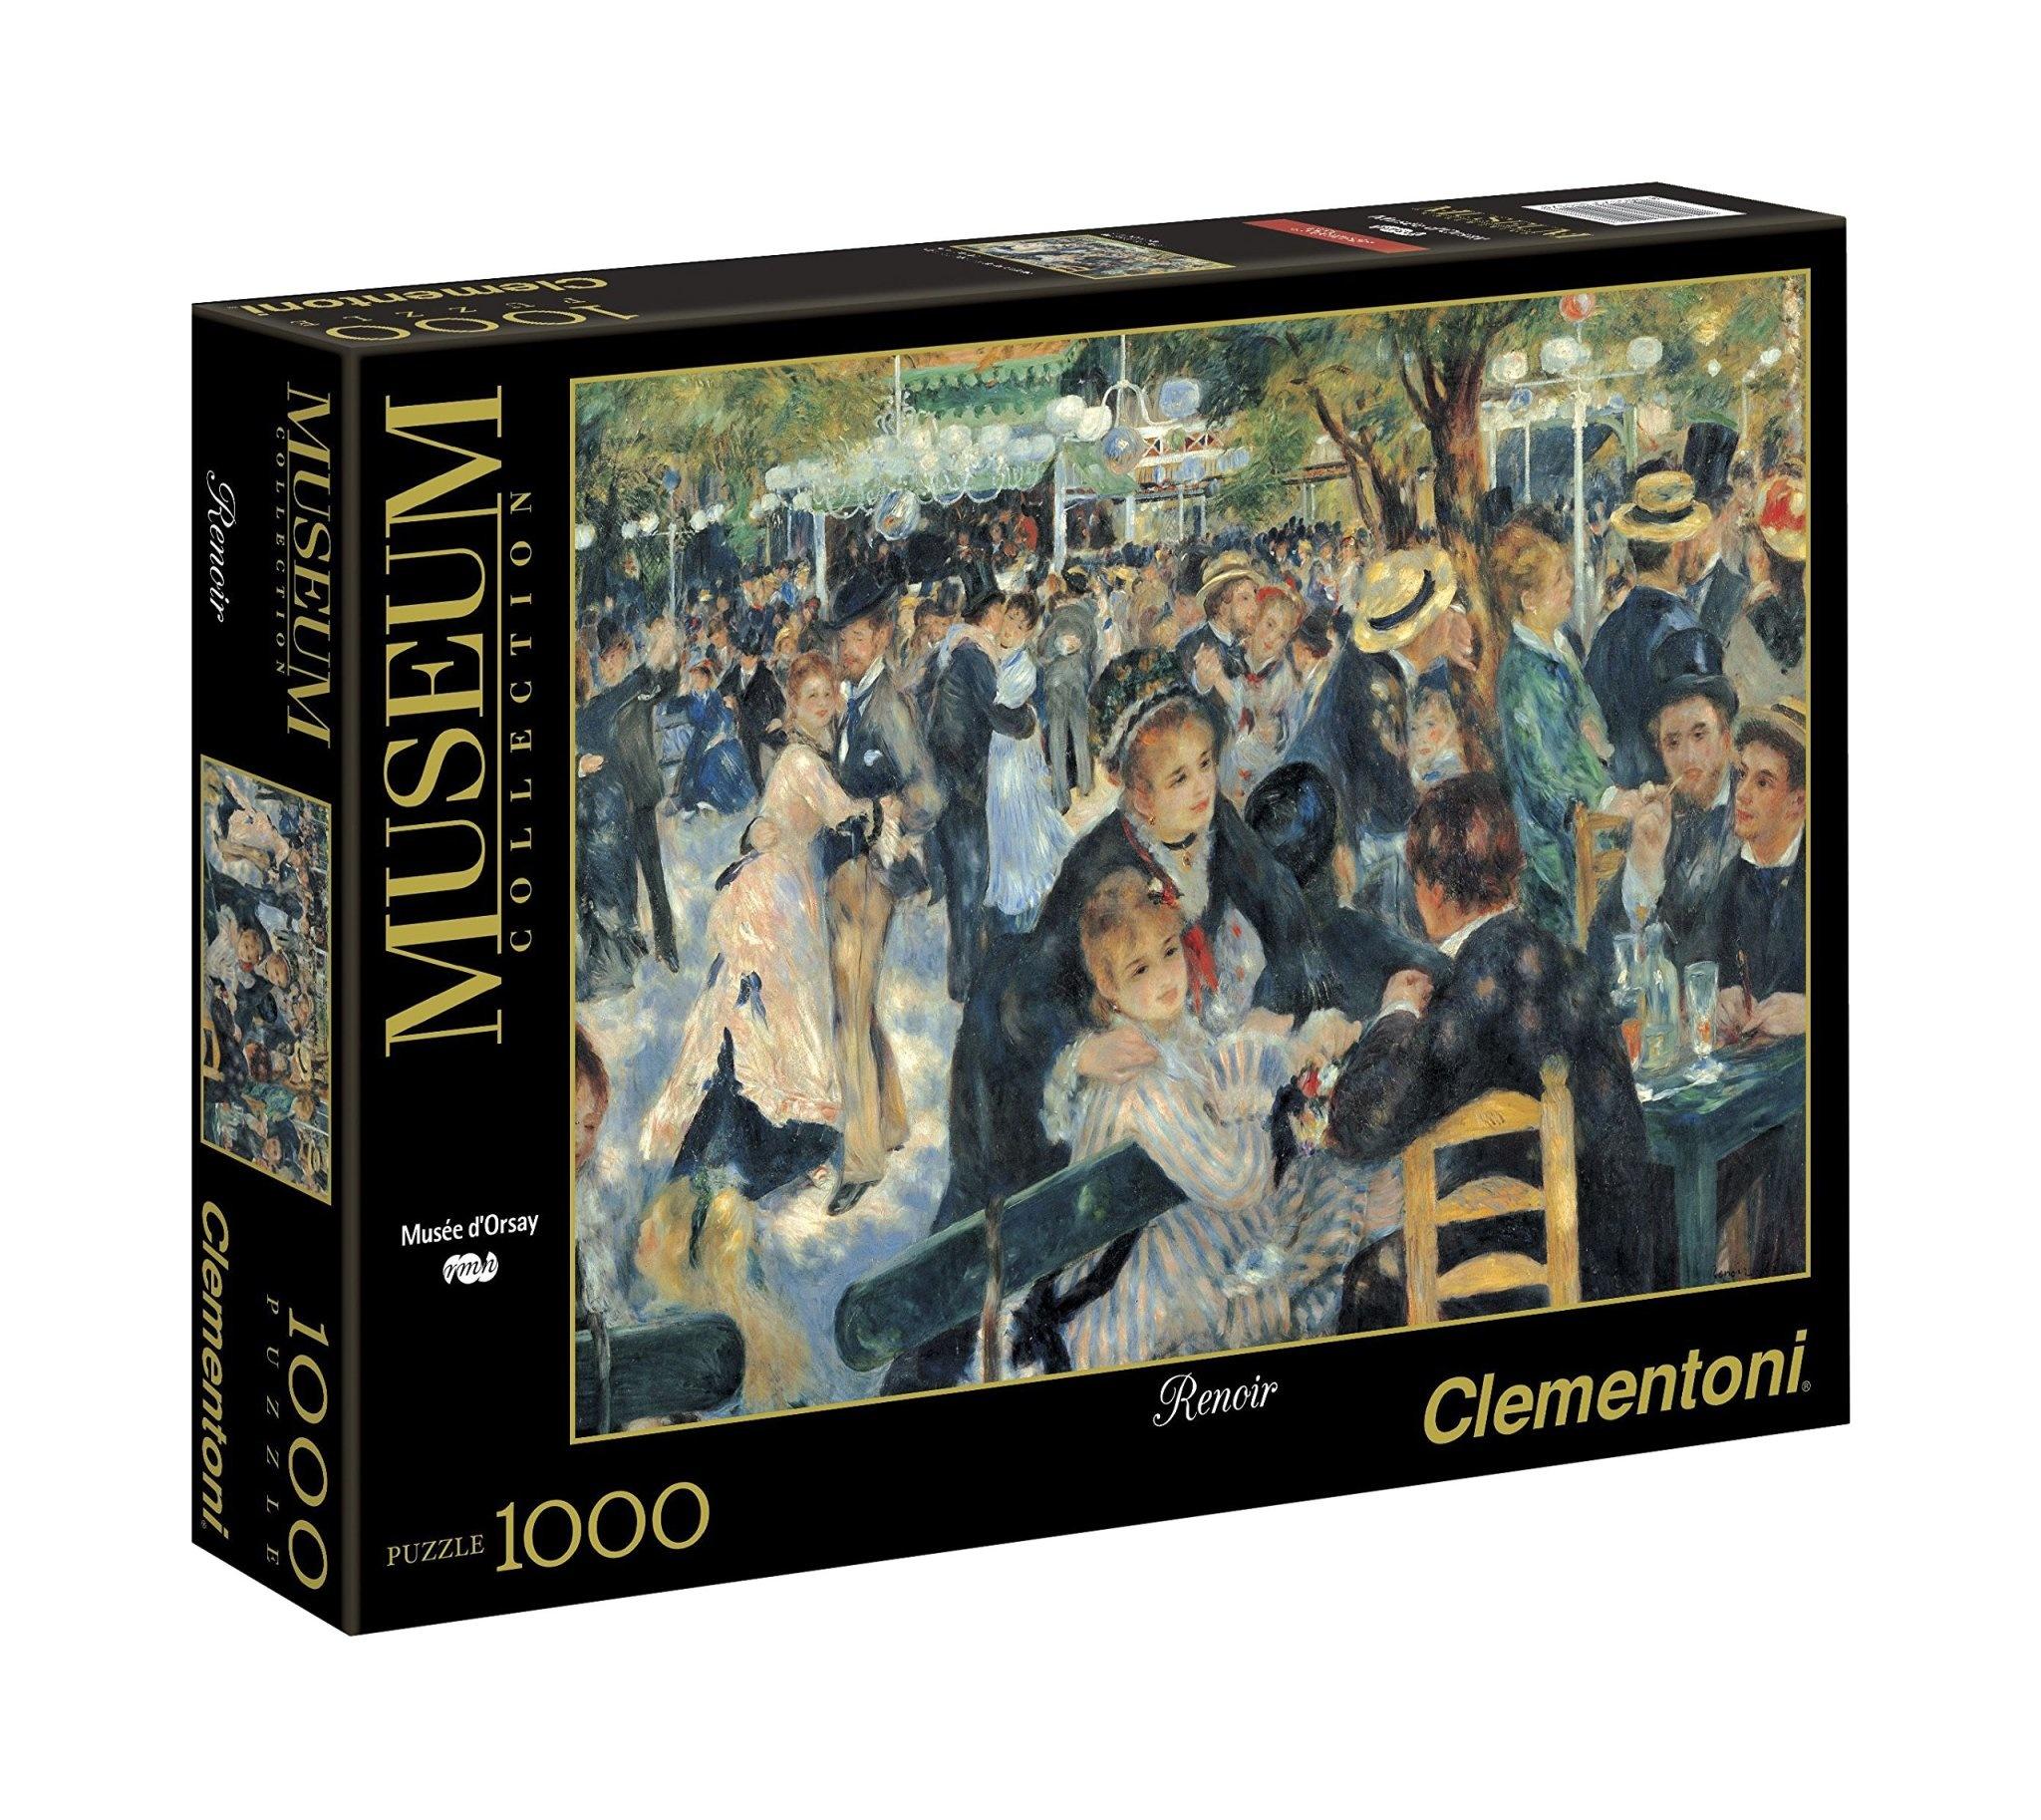 Clementoni Puzzle 1000: Renoir - Bal du Moulin de la Galette